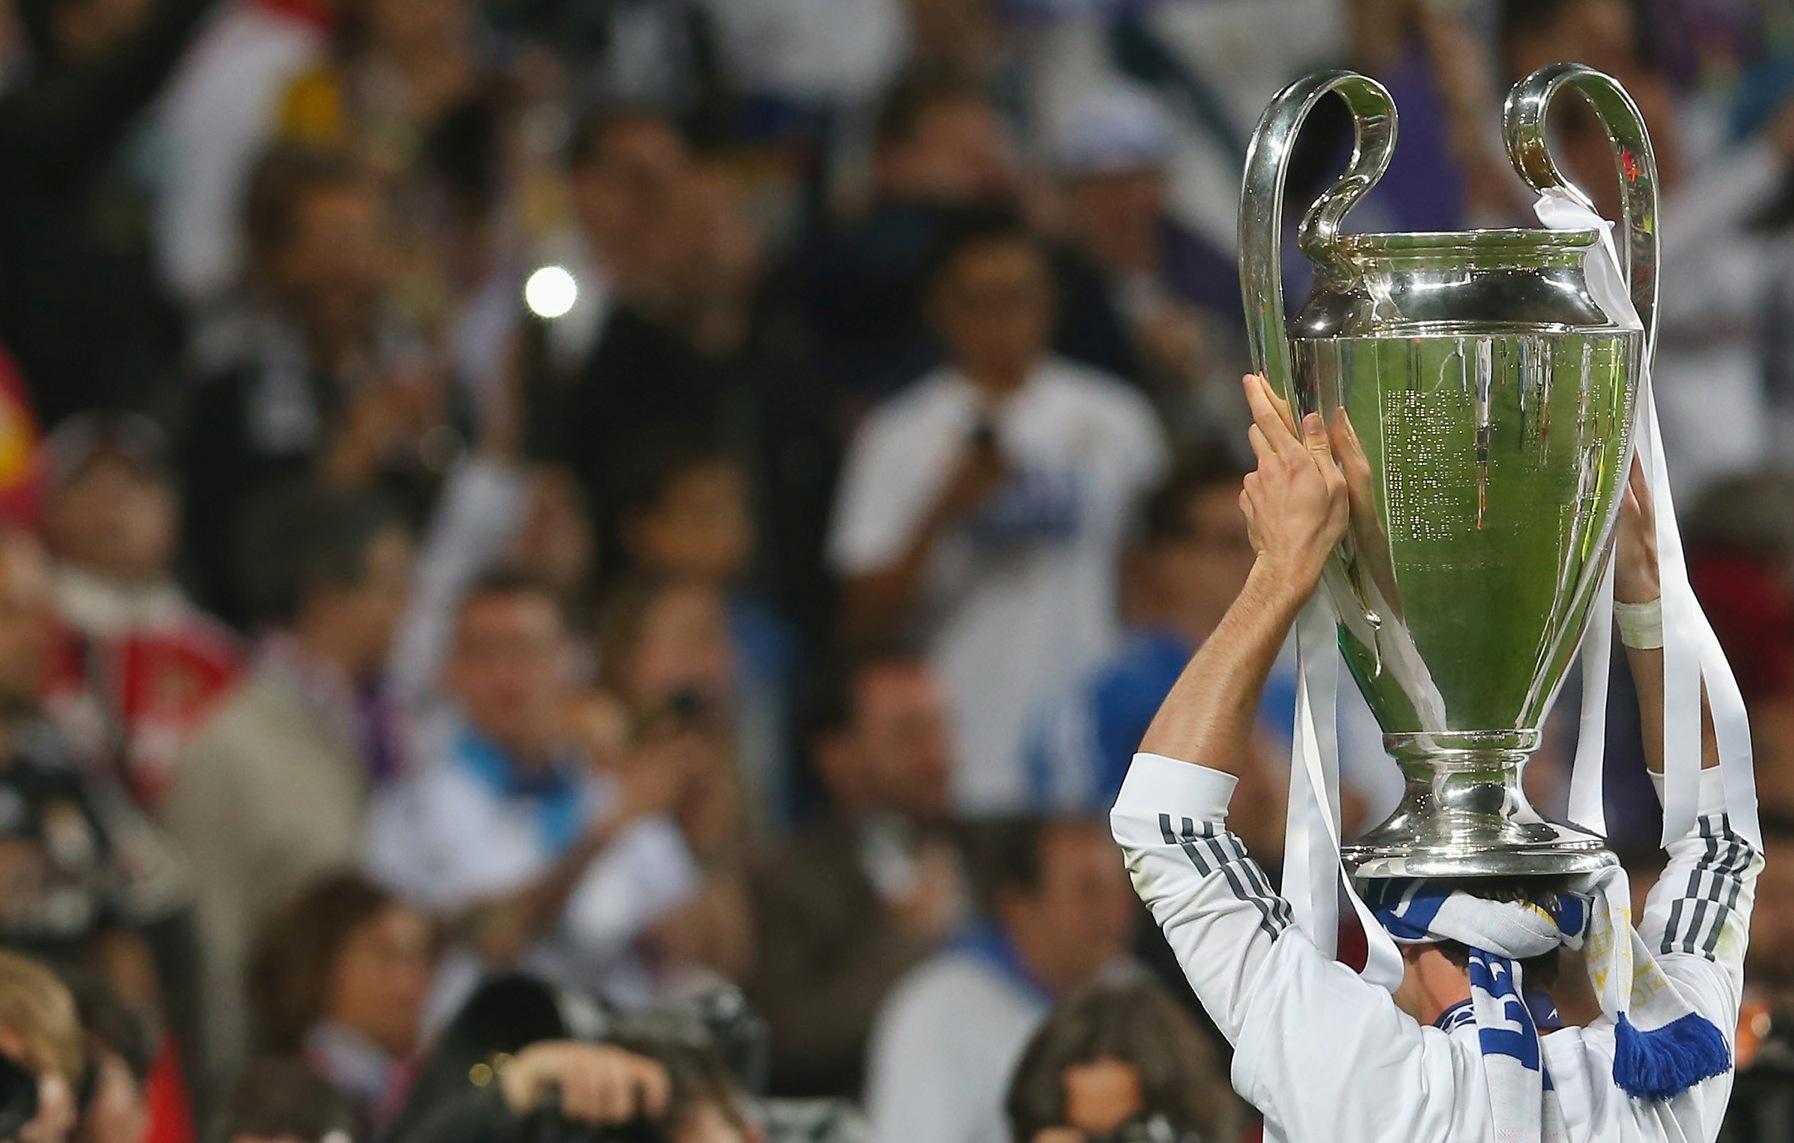 سونی موبایل حامی رسمی لیگ قهرمانان اروپا